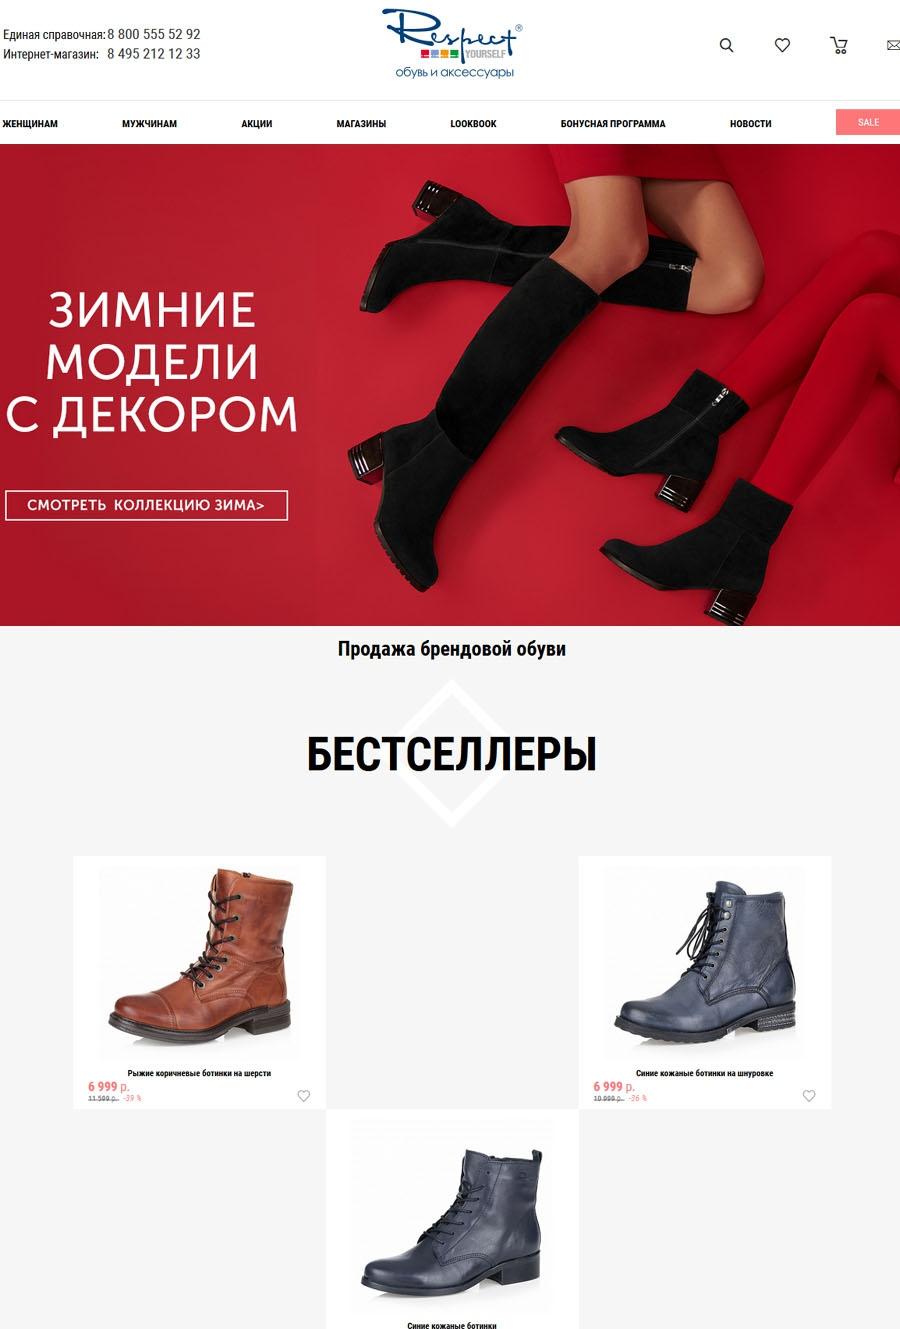 71d68e1a686 Респект 🚩 интернет-магазин обуви